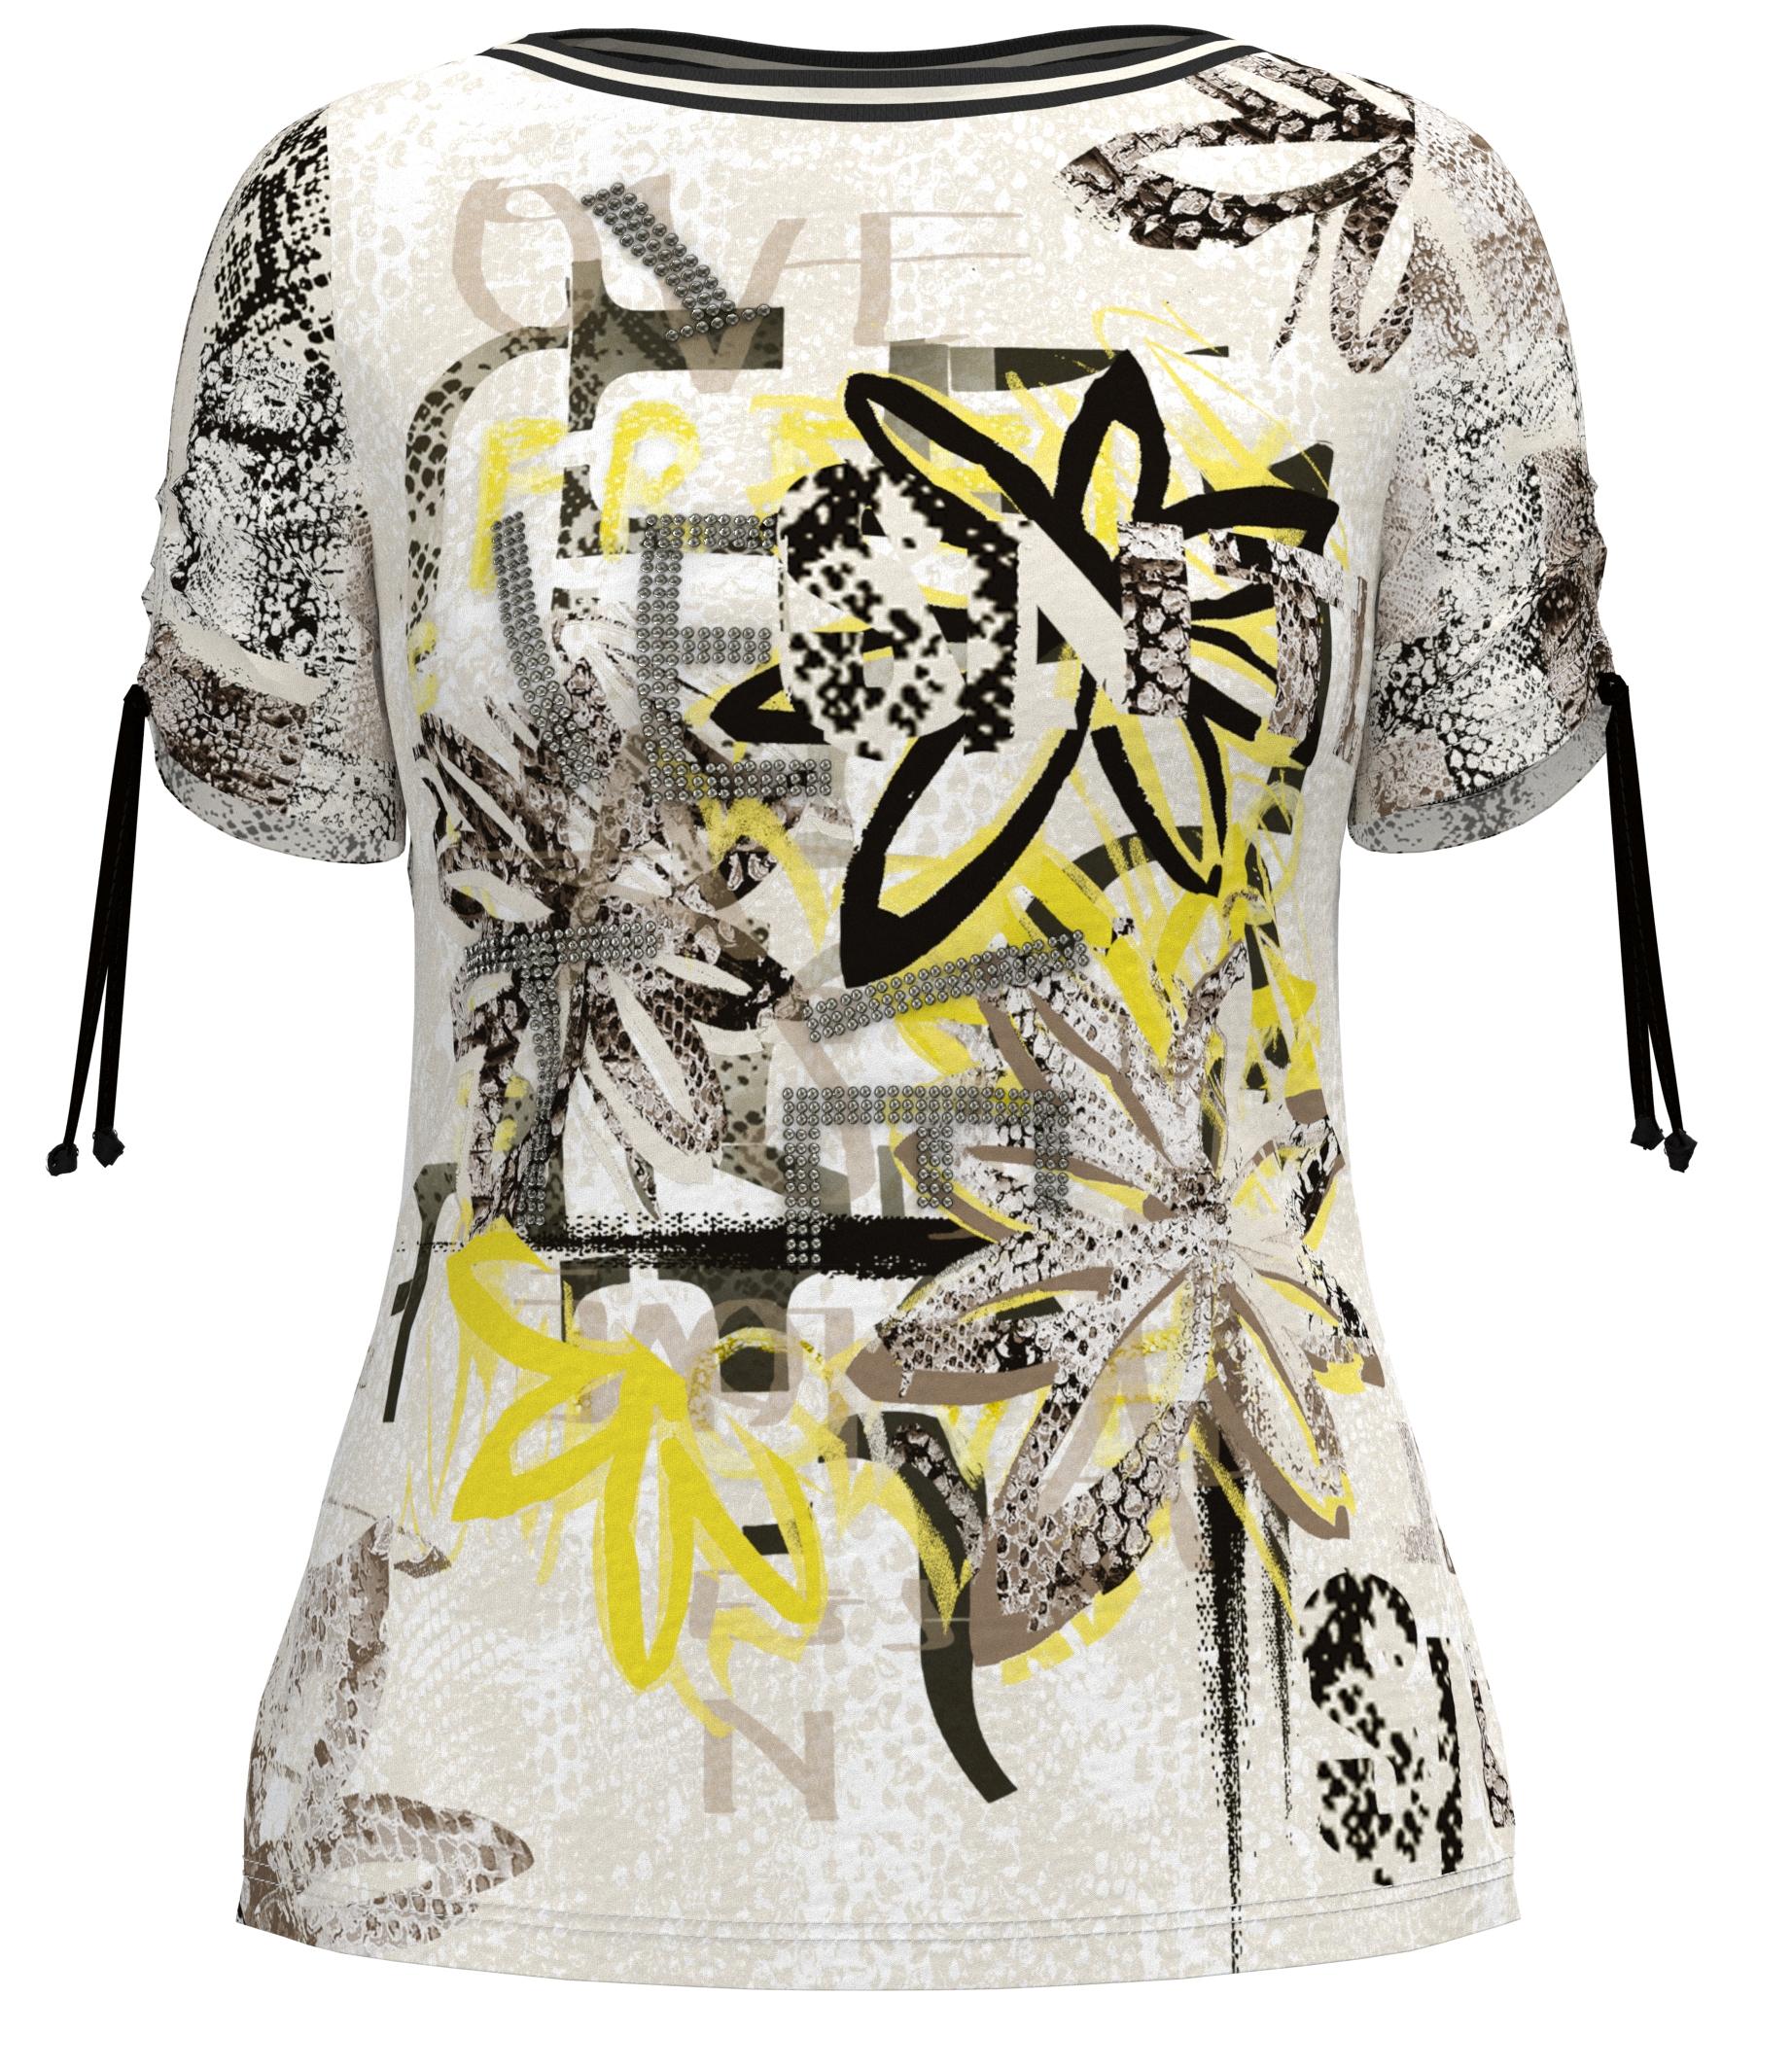 Barbara Lebek kurzarm Shirt floral gemustert mit Aufschrift weiß